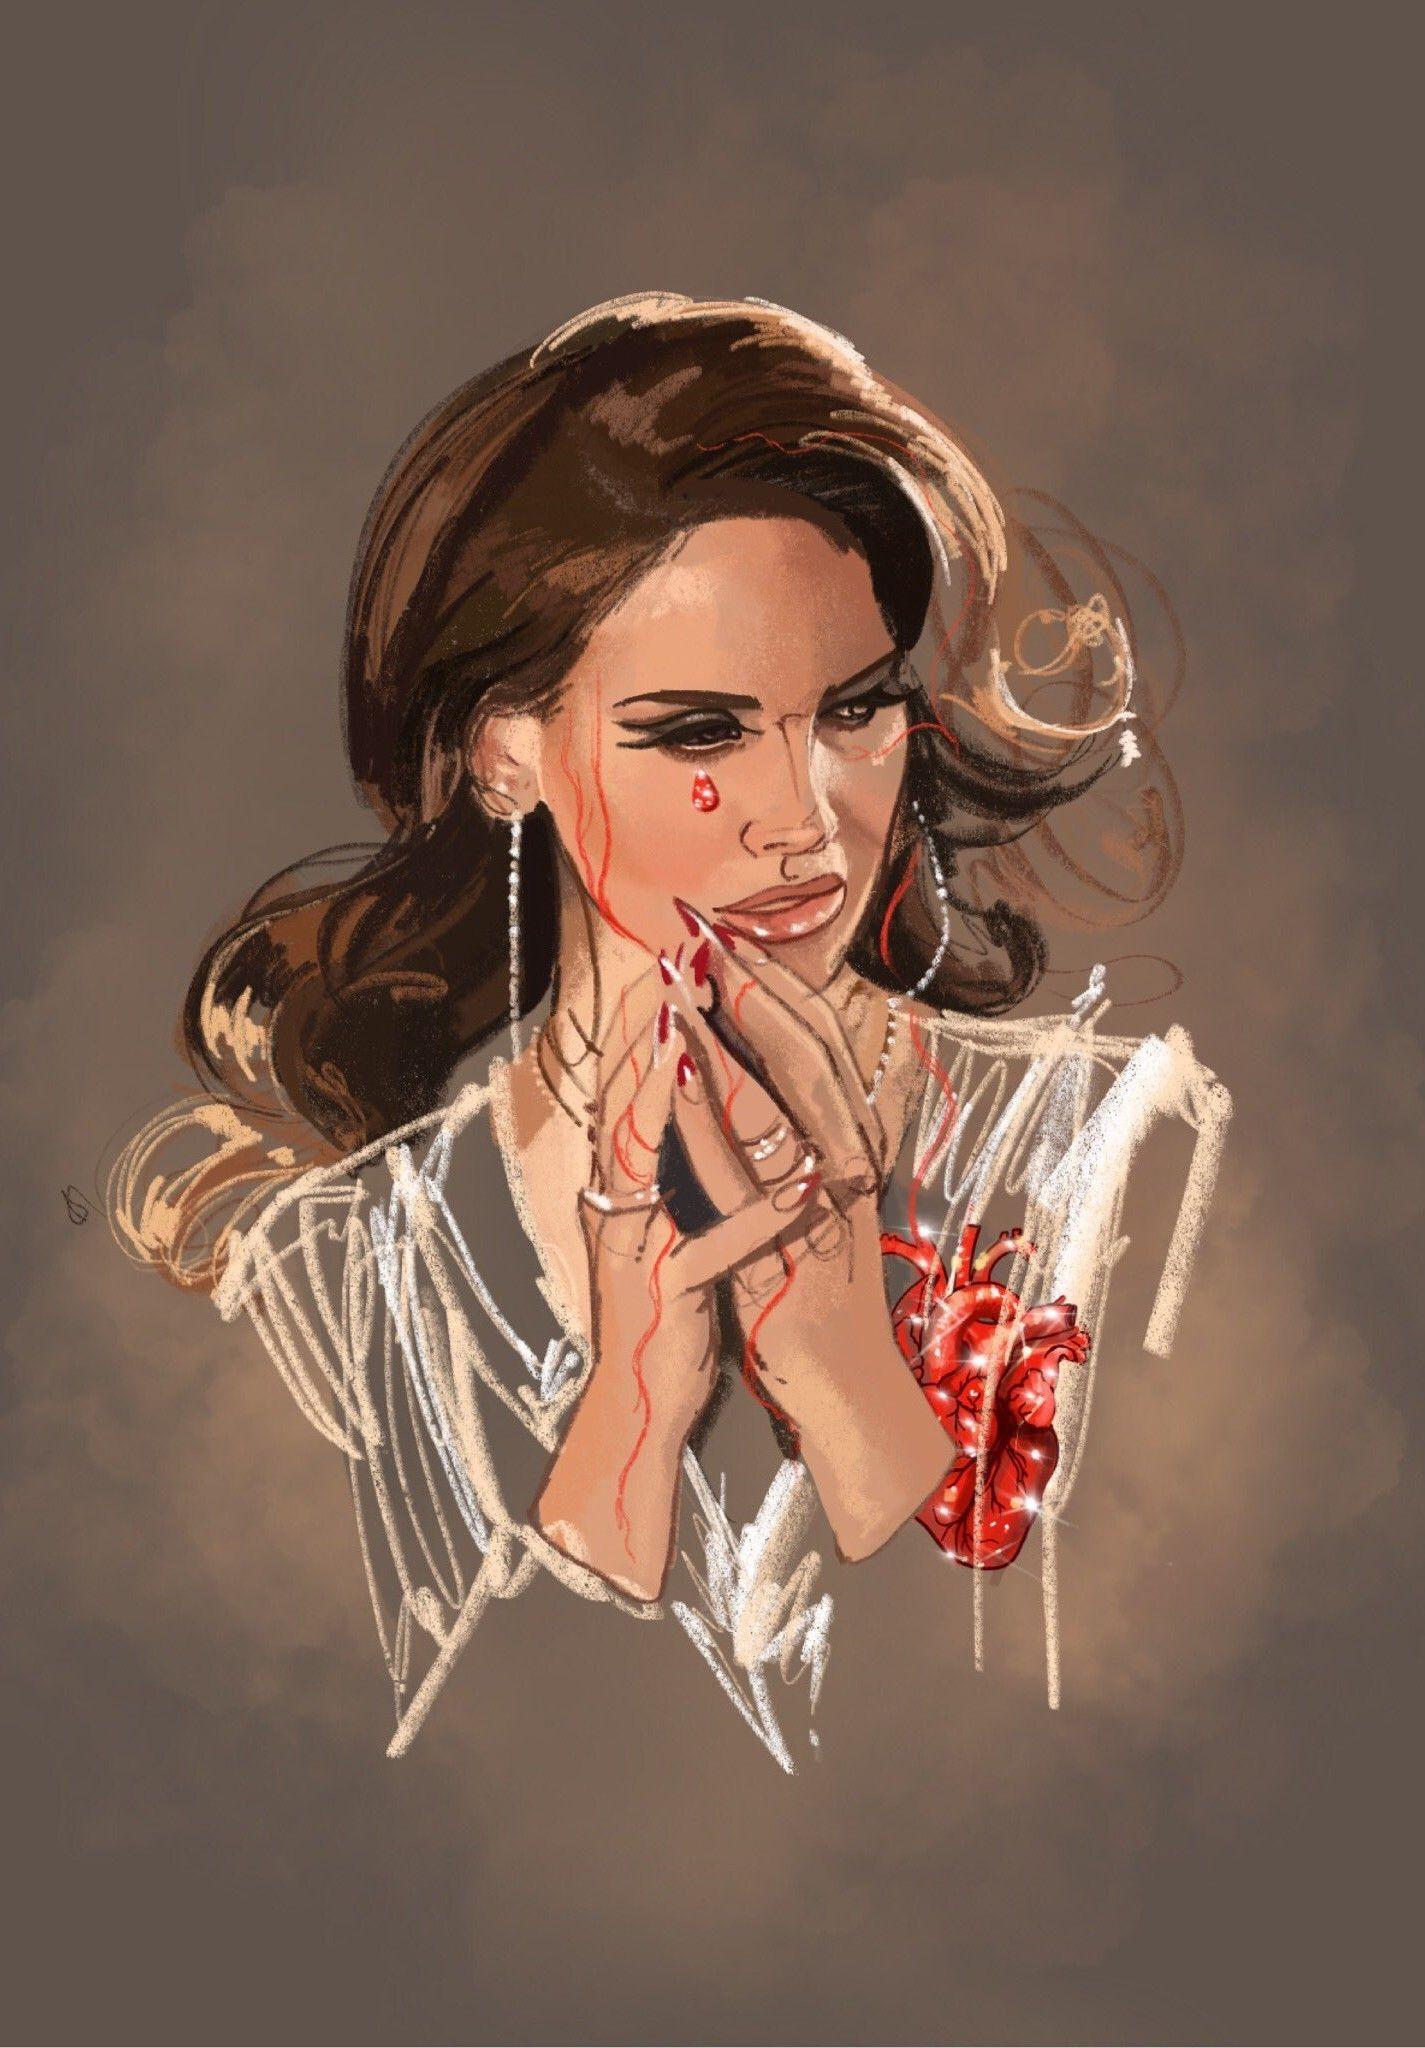 Lana Del Rey Art By Fernando Monroy Lana Del Rey Art Lana Del Rey Tattoos Lana Del Rey